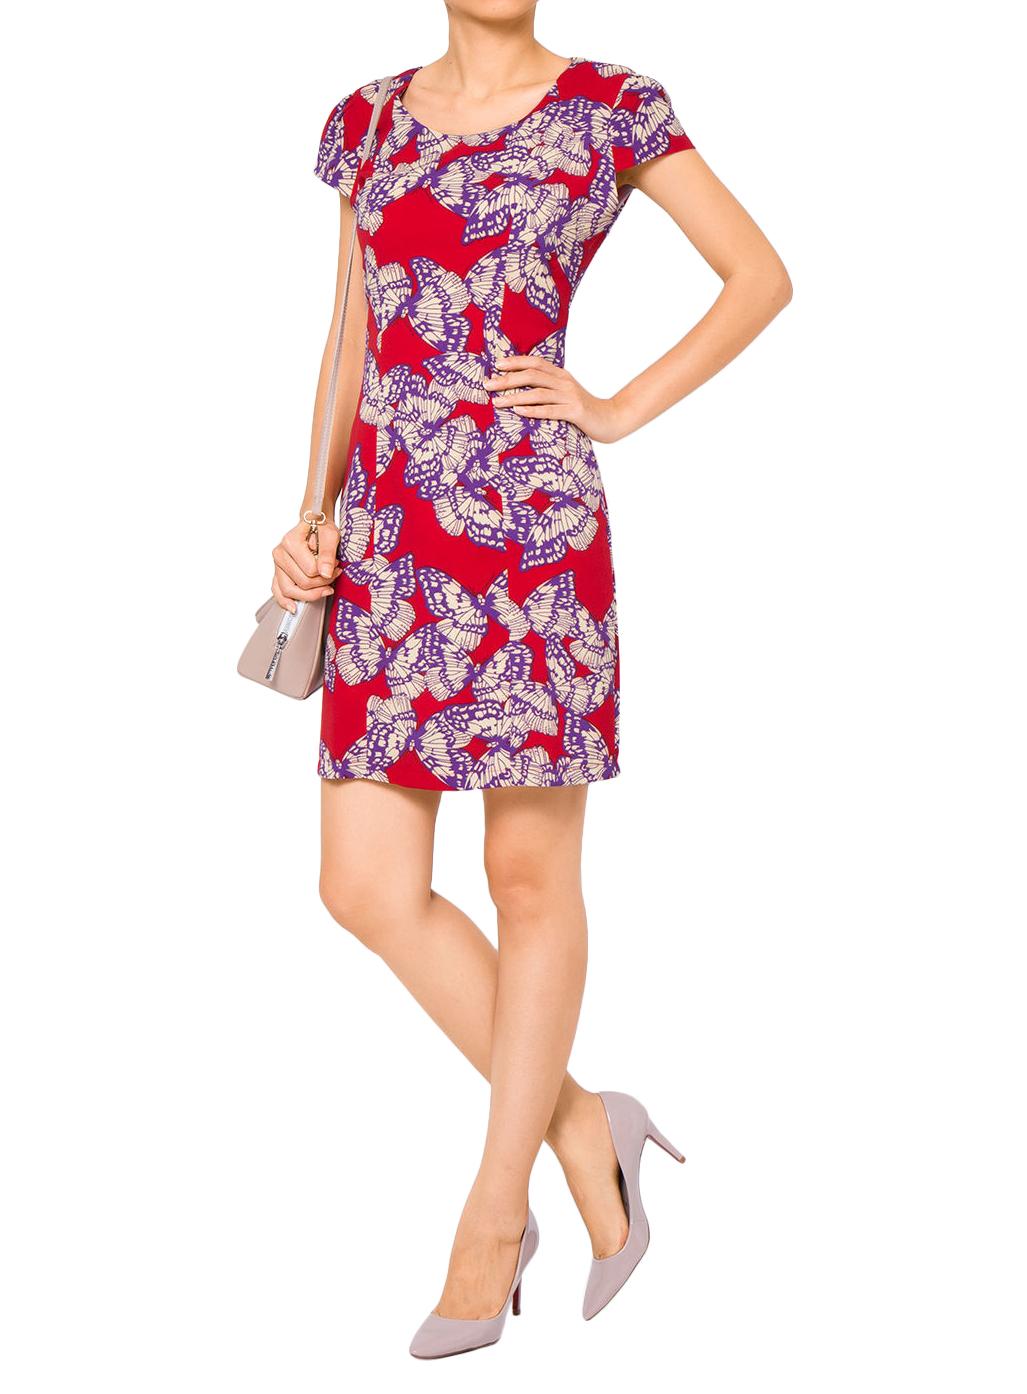 Đầm Ôm NT Fashion Họa Tiết Hình Bướm 179X BUOM - 01